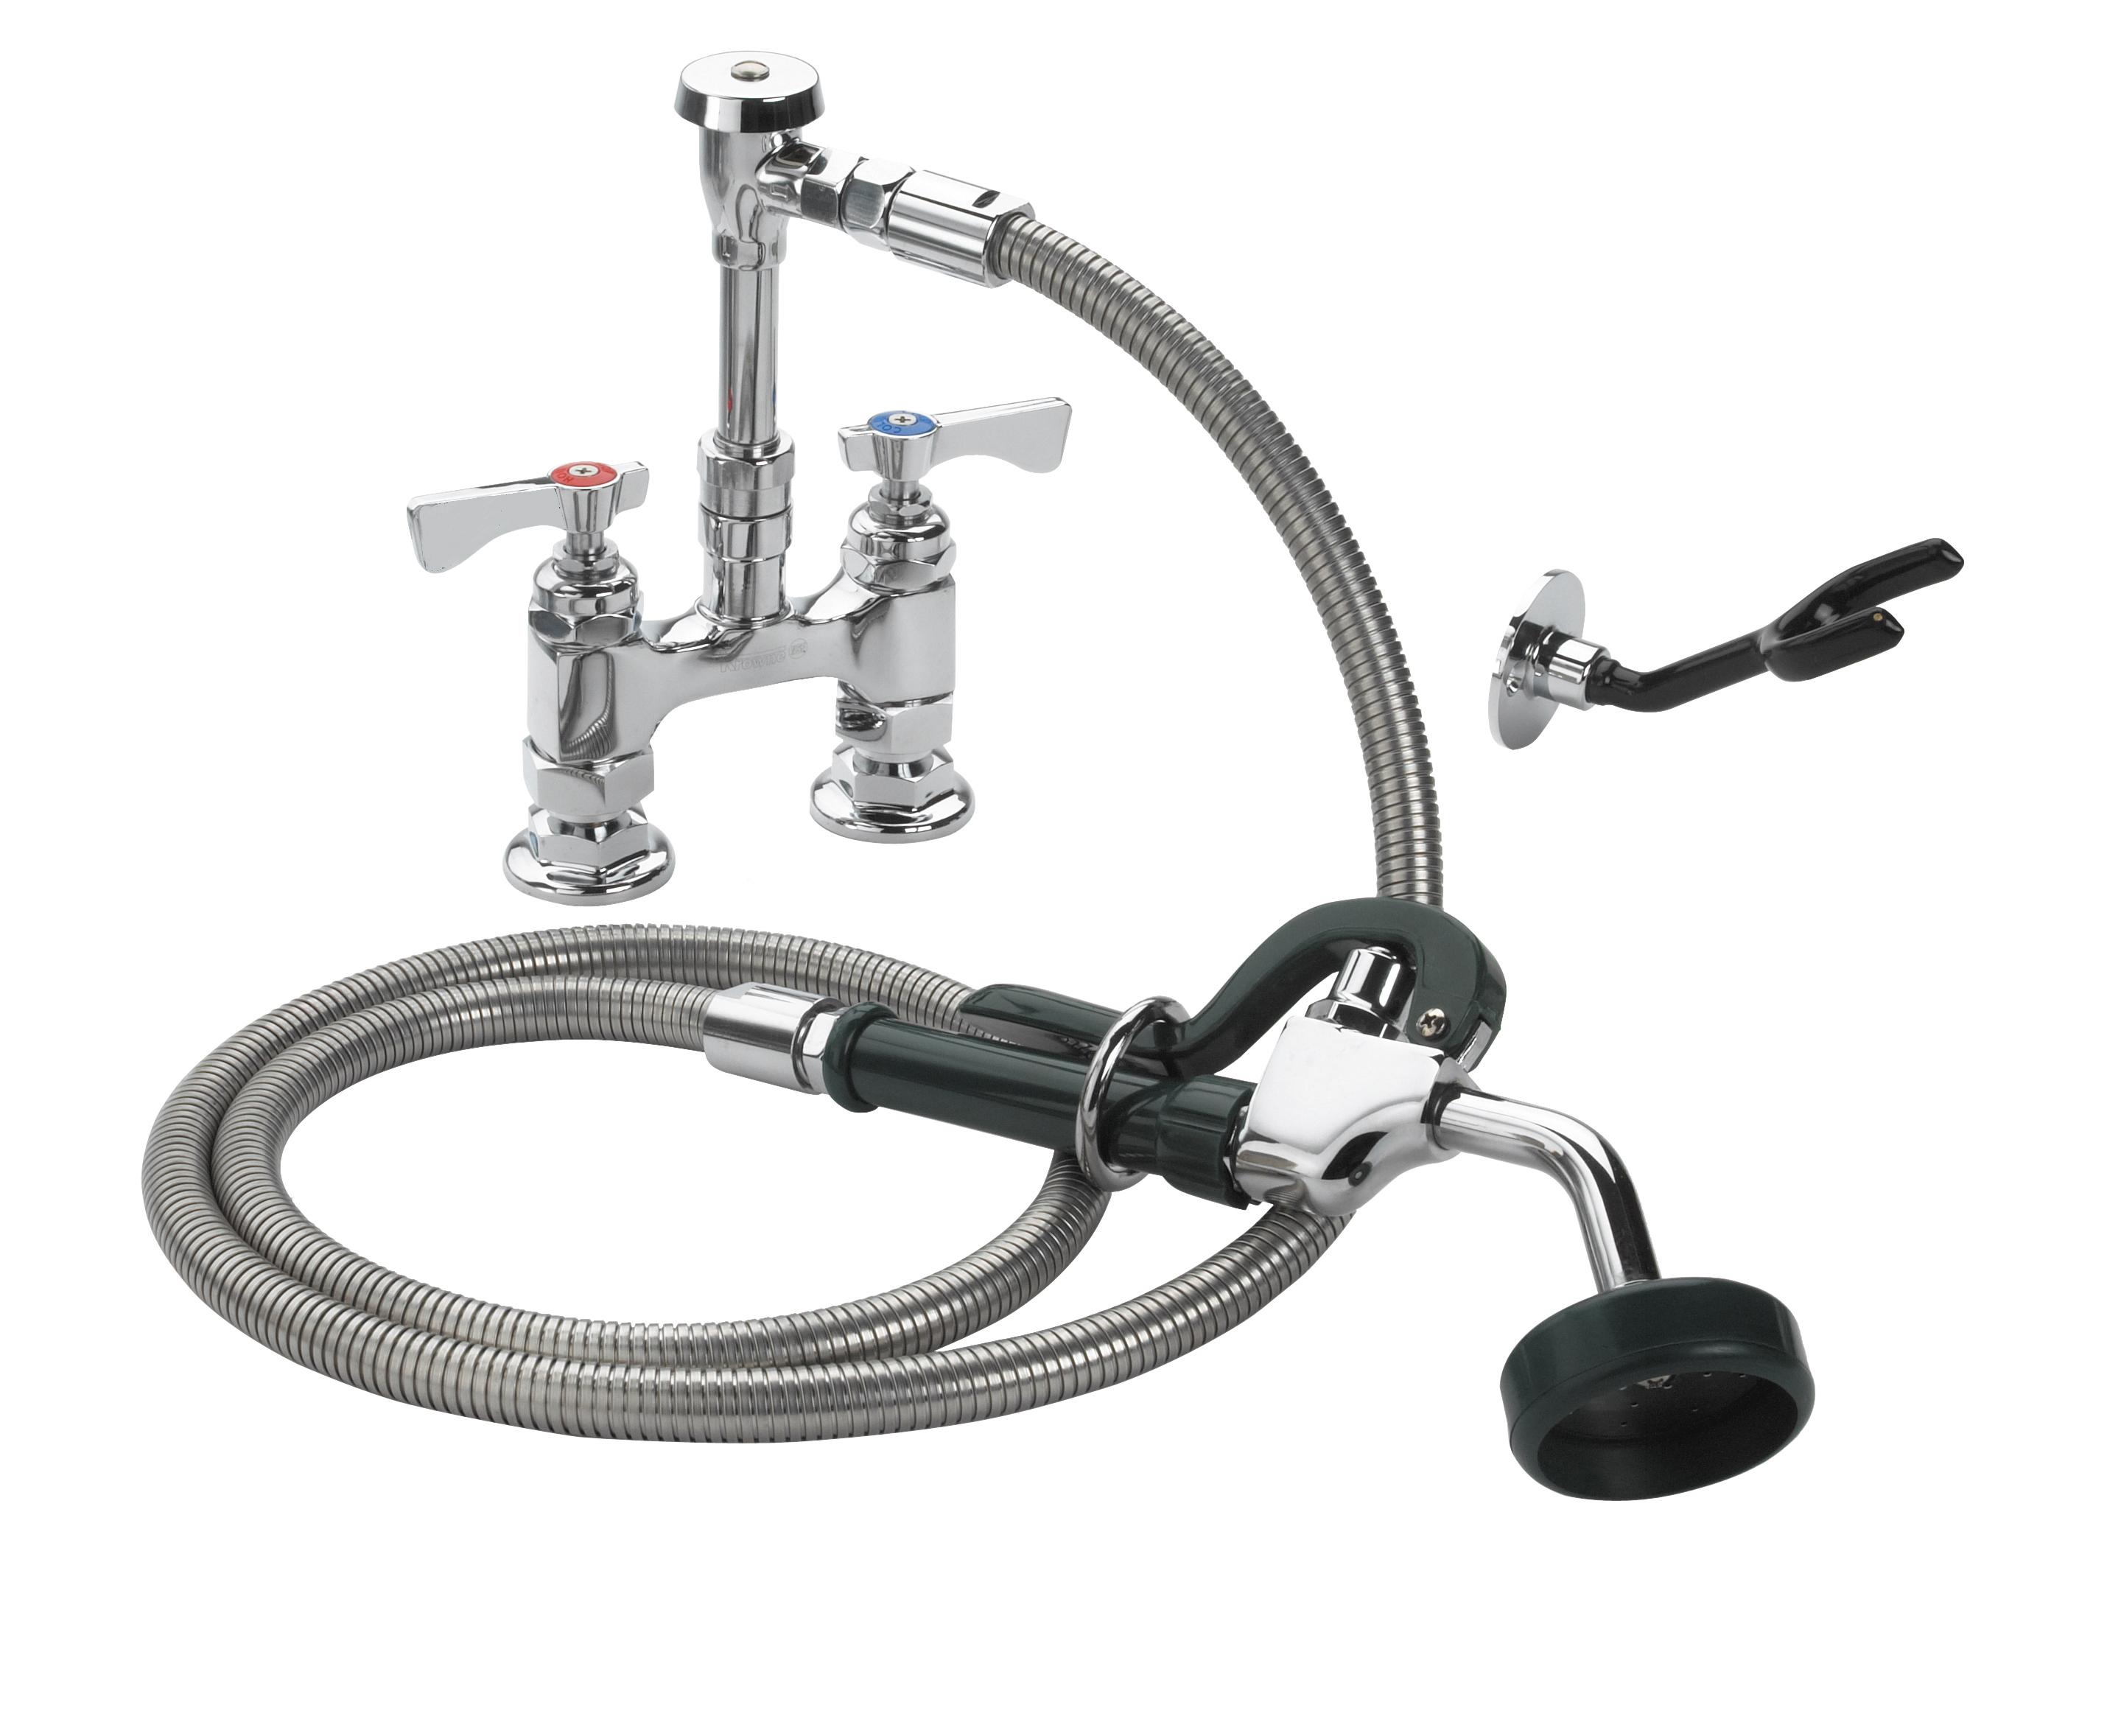 Krowne Metal 19-204L pre-rinse faucet assembly